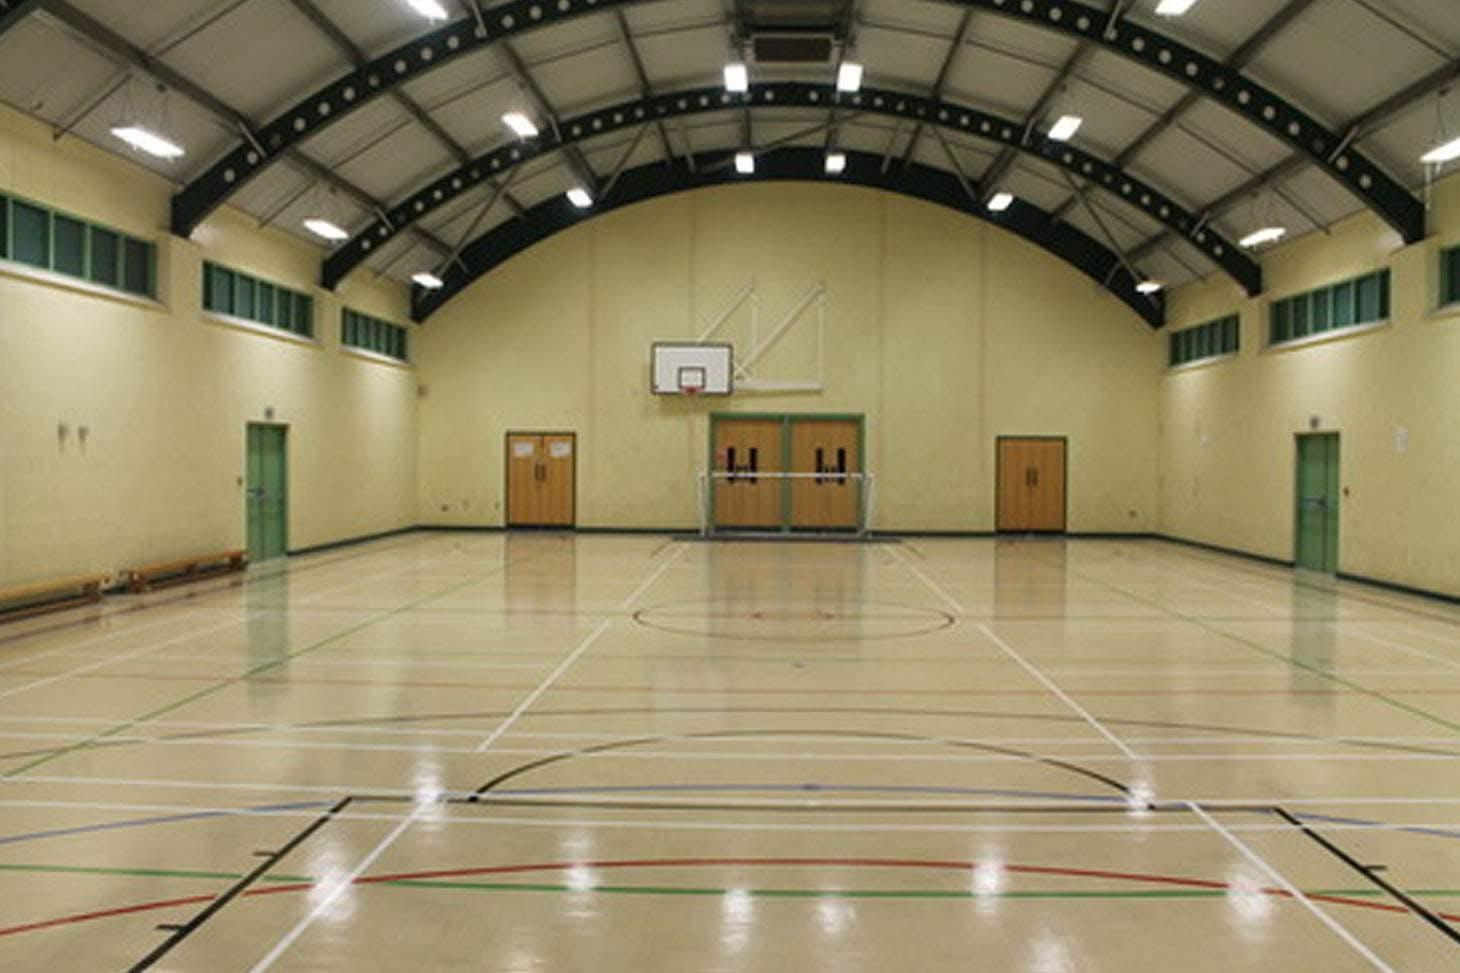 Heworth Grange Comprehensive School Indoor tennis court